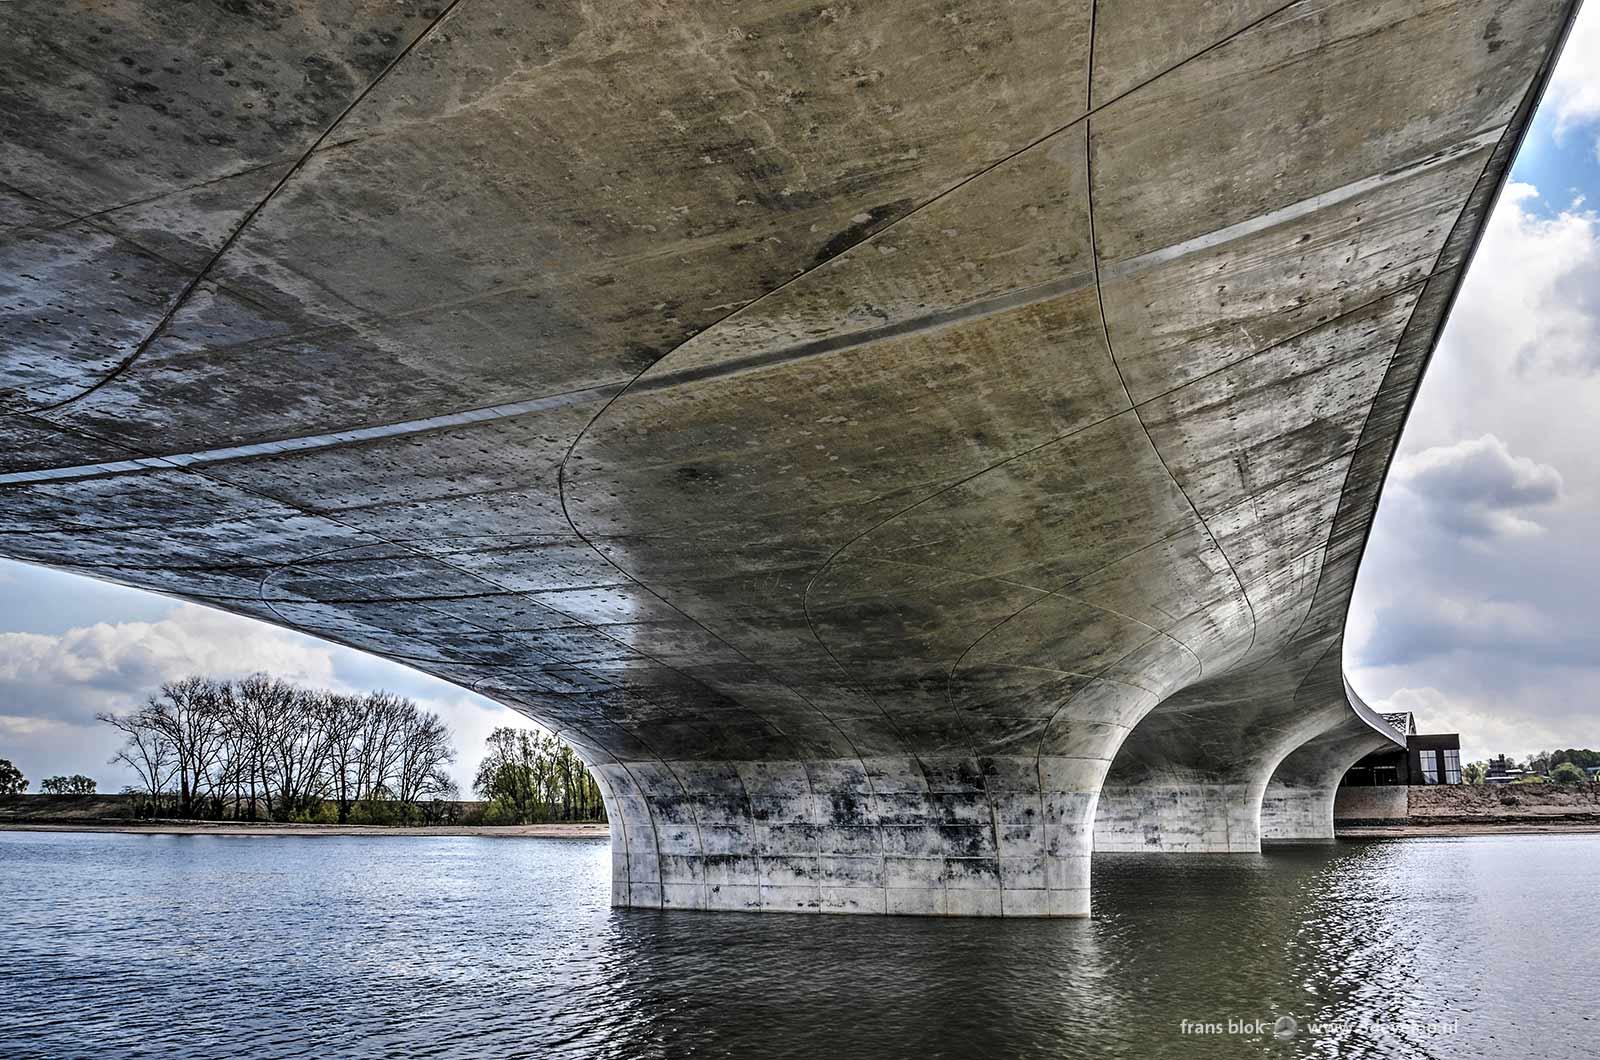 De Verlengde Waalbrug over de Spiegelwaal in Nijmegen, gezien vanaf de Lentse kant vanaf een positie onder de brug